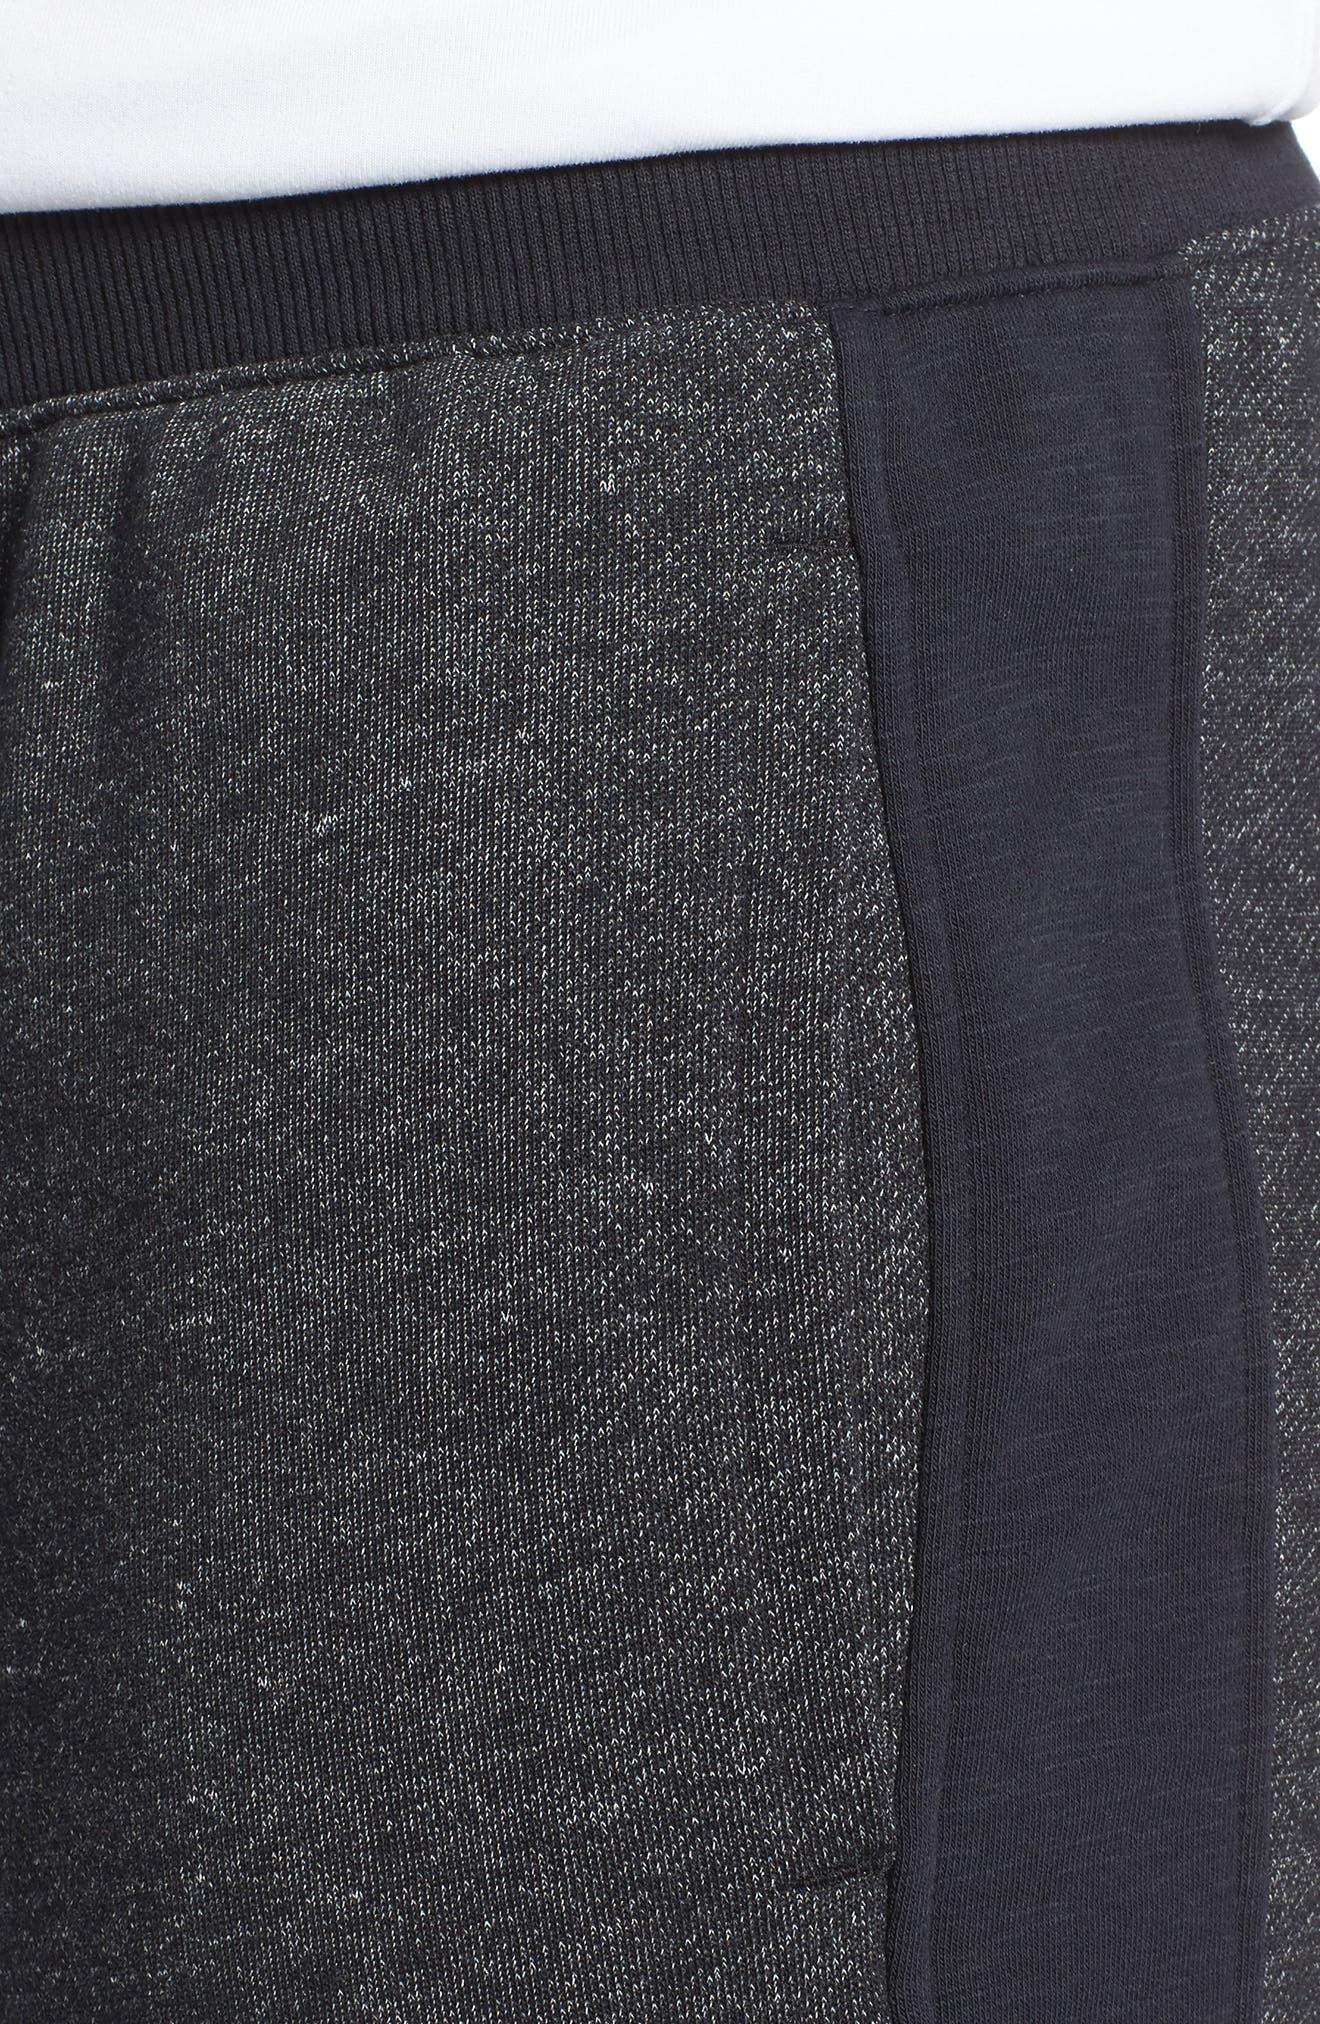 Sportstyle Fitted Fleece Leggings,                             Alternate thumbnail 4, color,                             Black